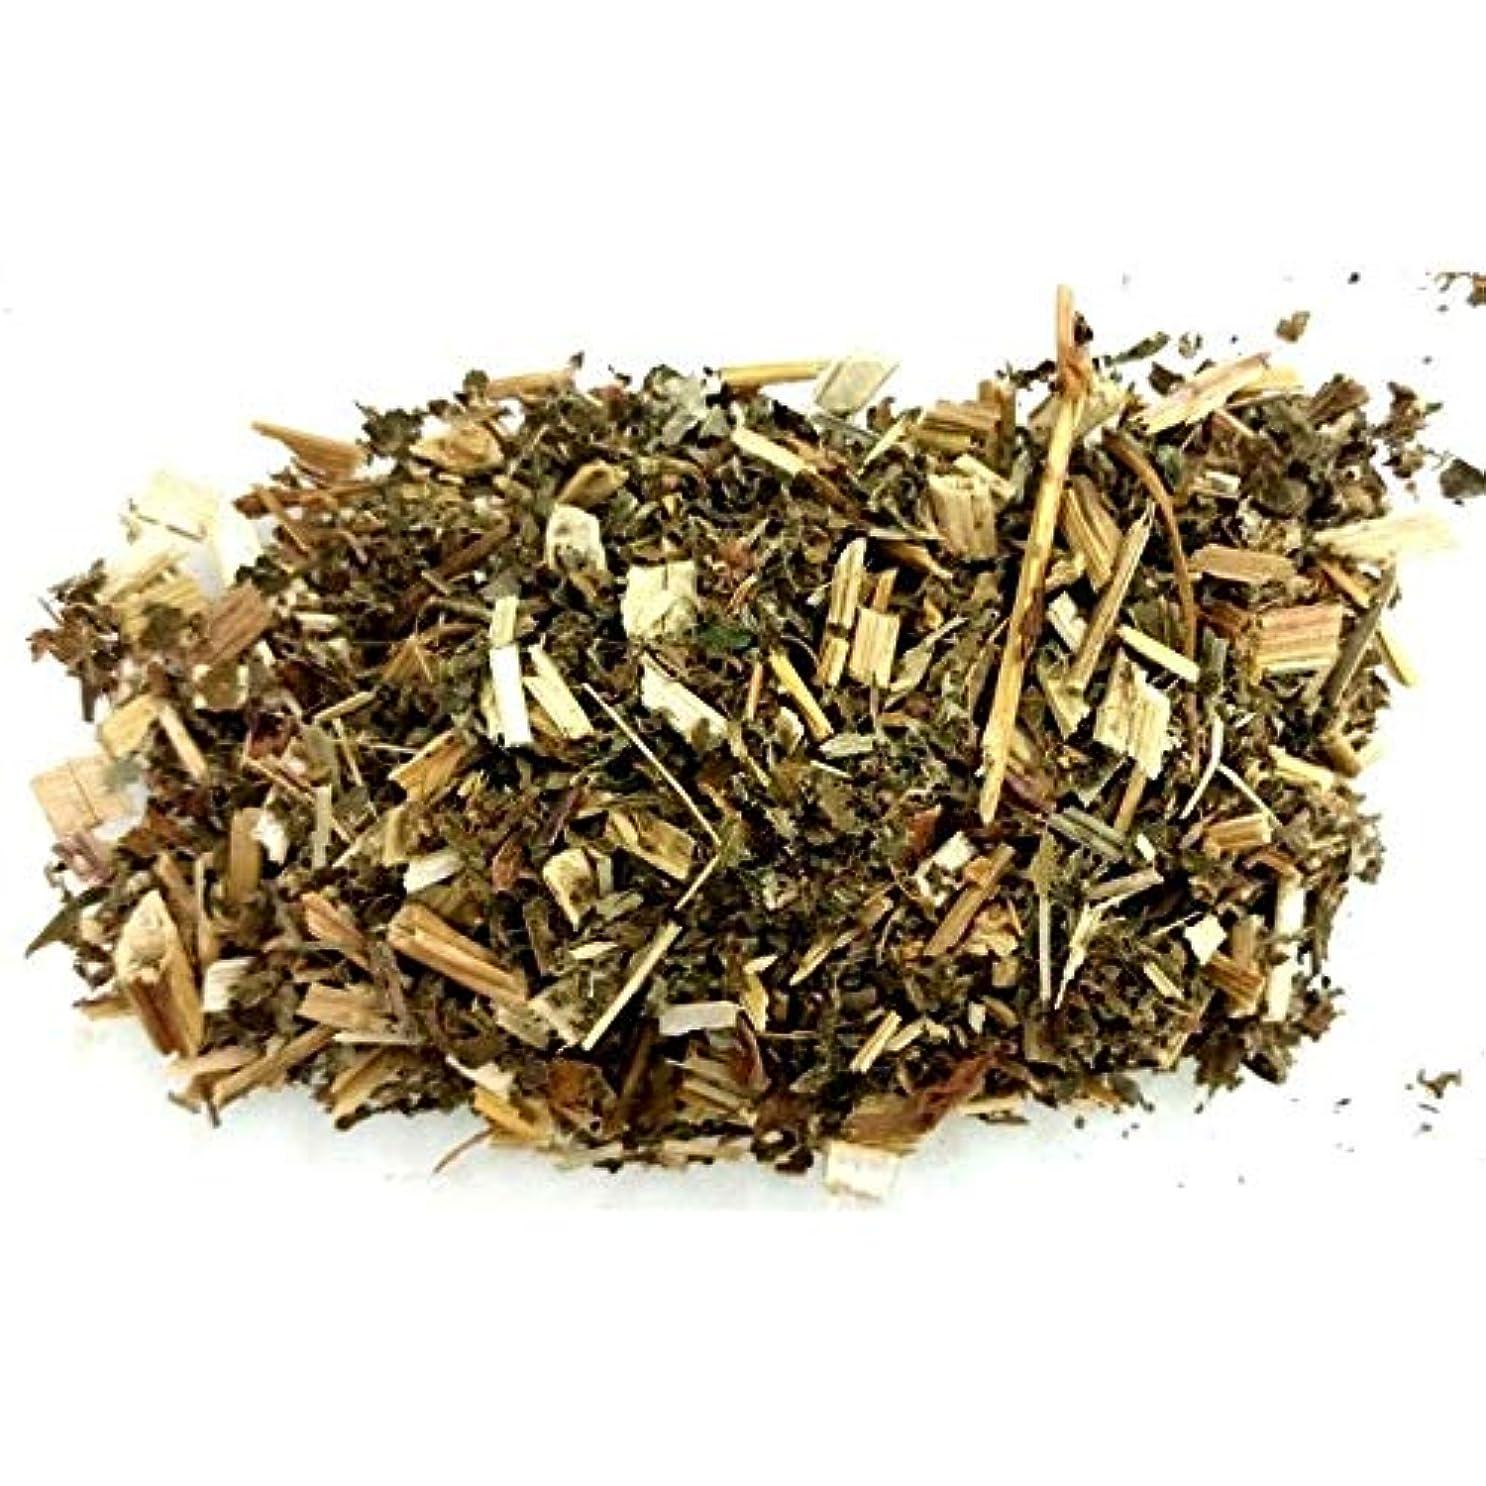 雲ルーフ美的種子パッケージ:甘い香り-Incense Magikal Seedion儀式ウィッカパガンゴス